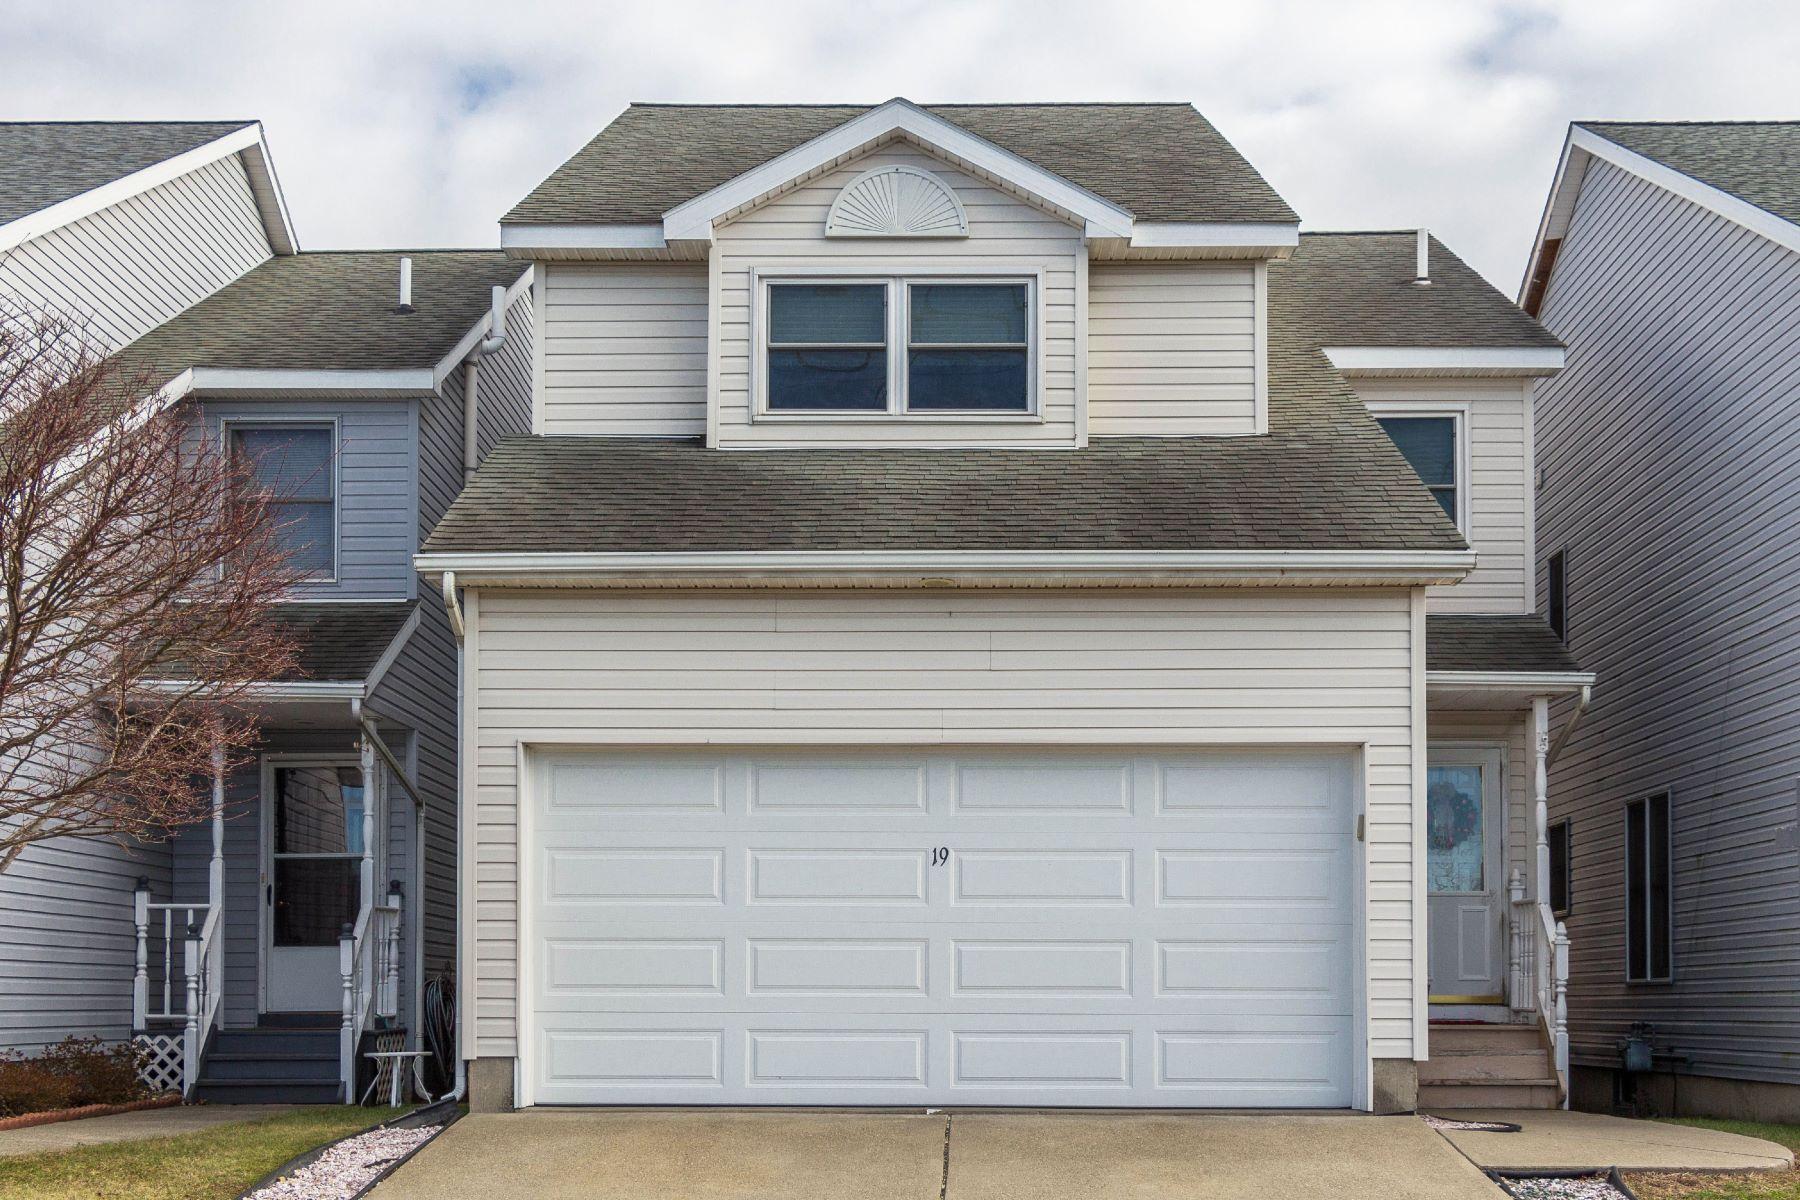 Casa Unifamiliar por un Venta en 19 Cohoes Av, Green Island, NY 12183 19 Cohoes Av Green Island, Nueva York 12183 Estados Unidos